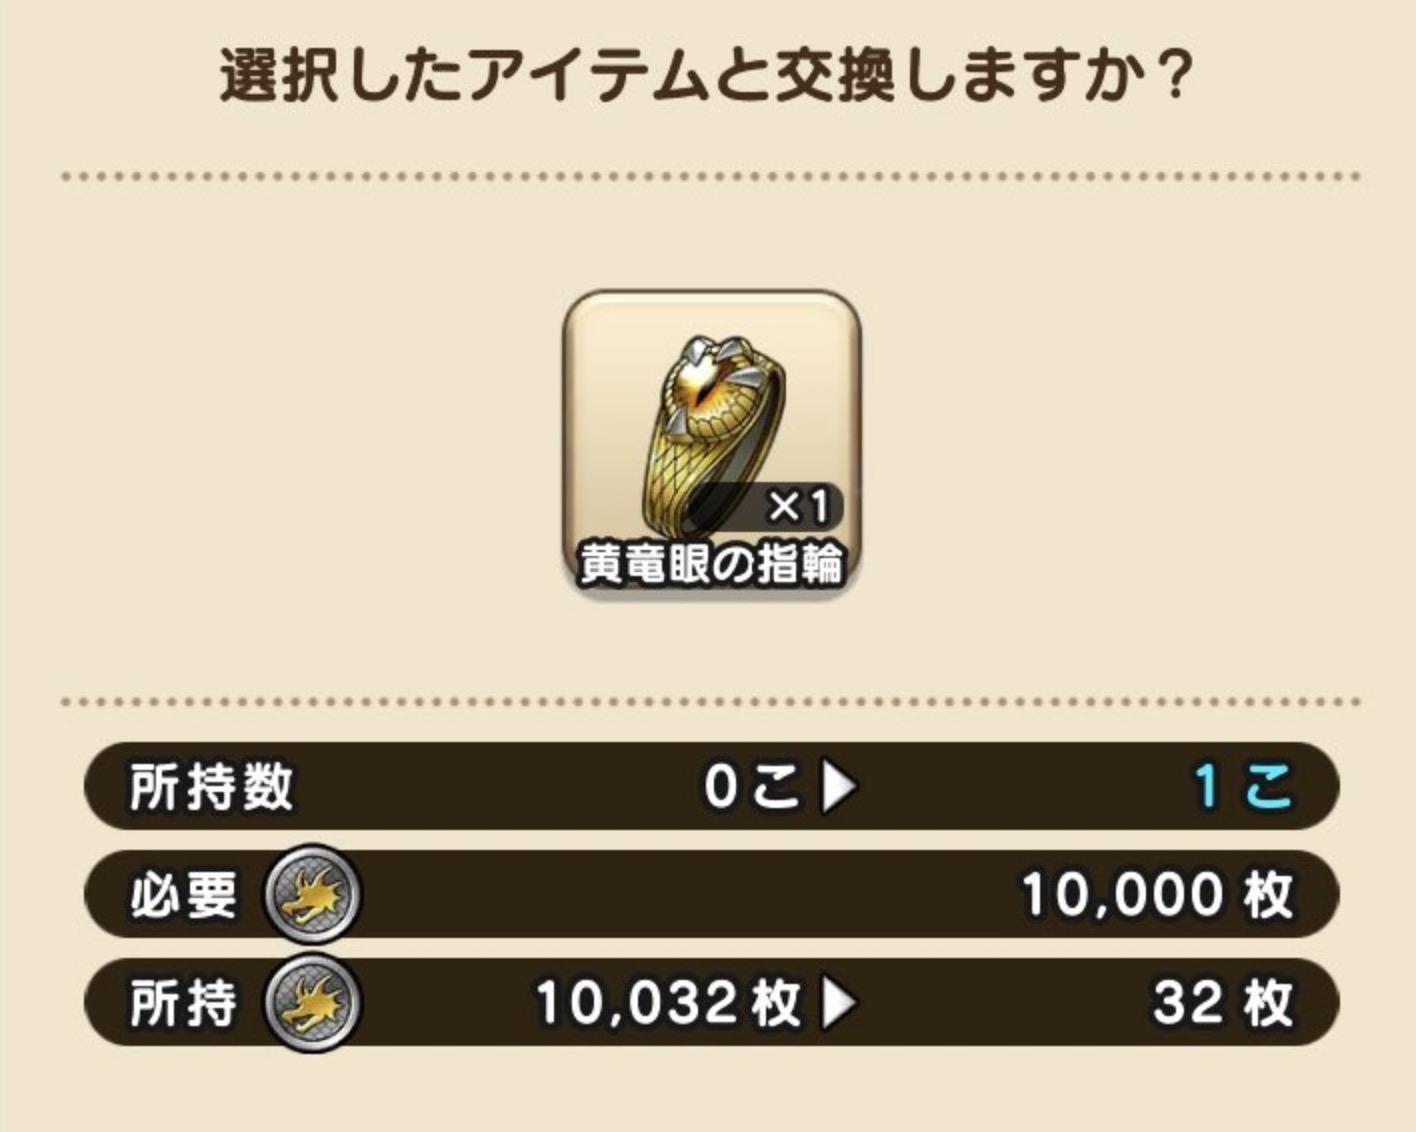 ドラゴンメダル